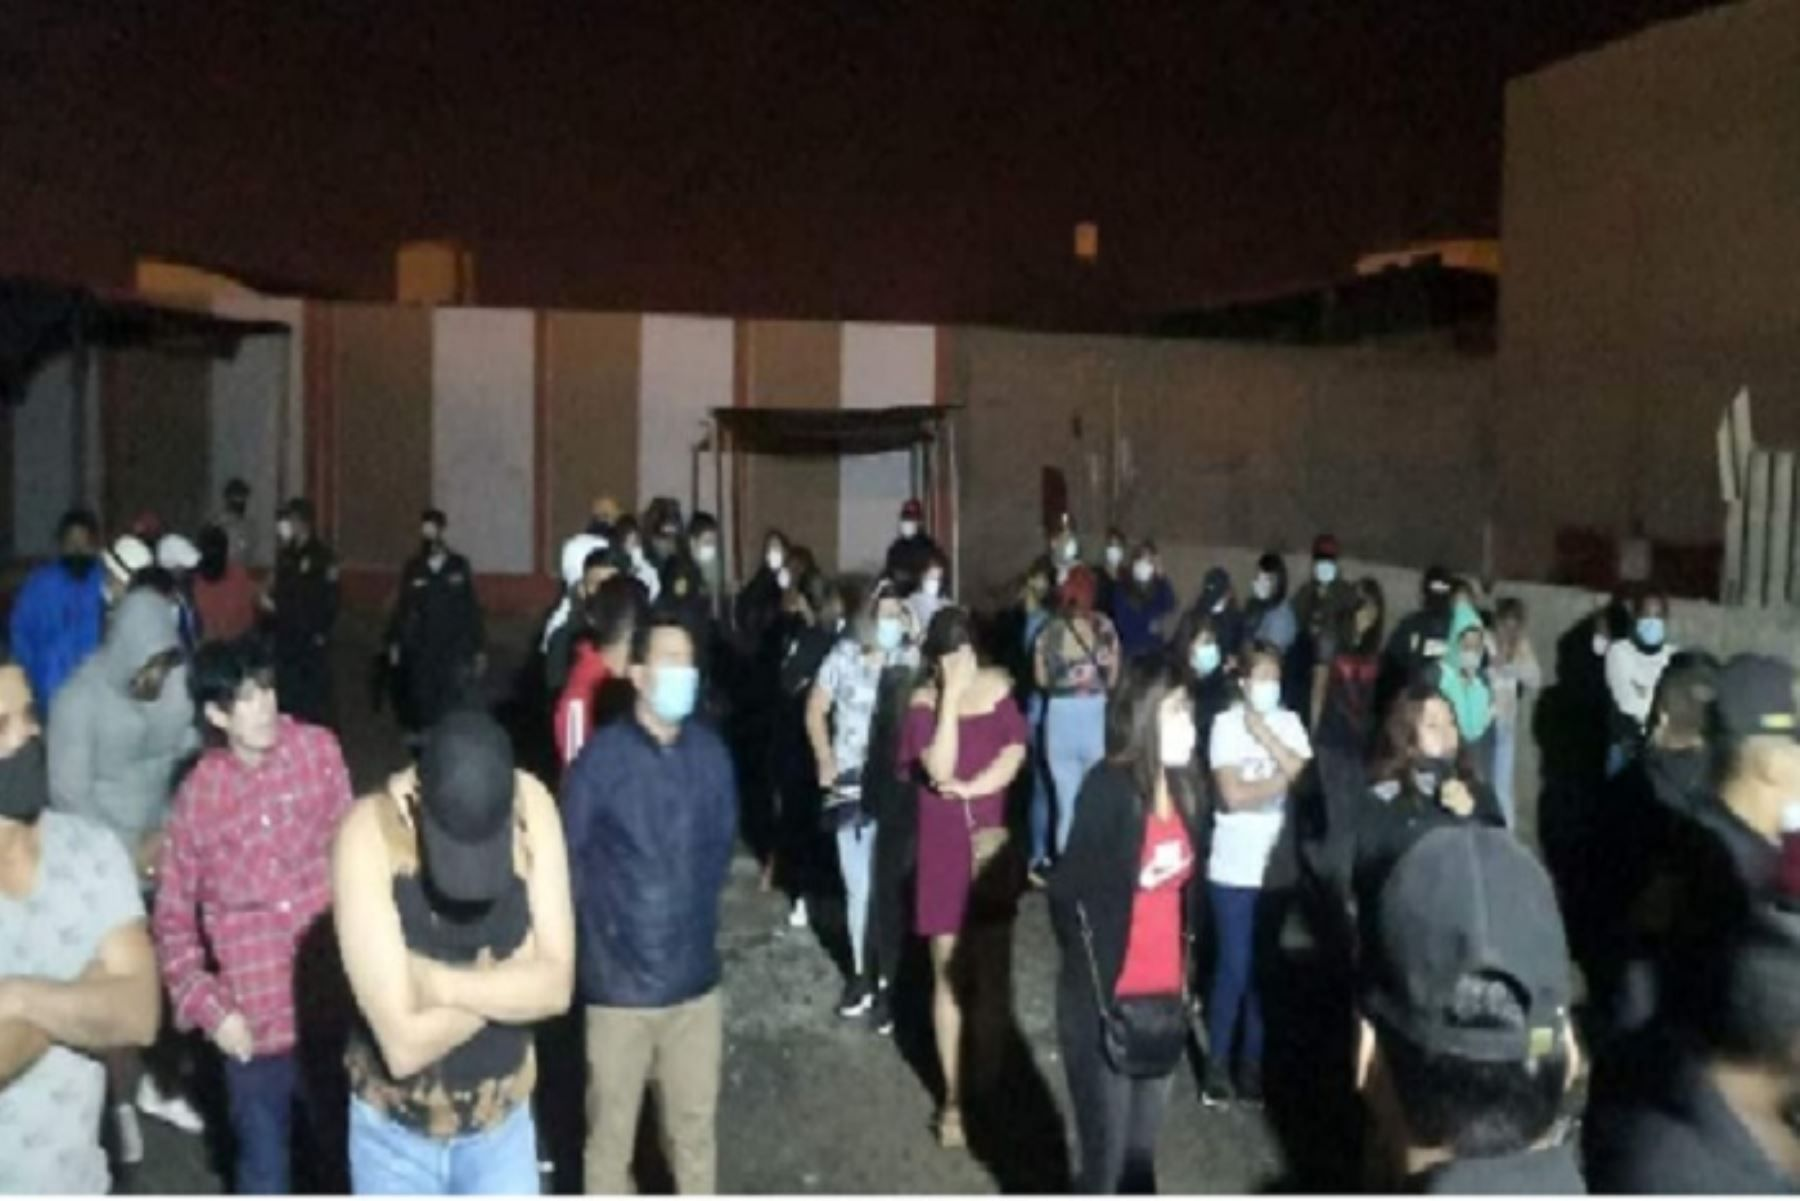 ancash-mas-de-60-personas-son-intervenidas-por-participar-de-fiesta-en-cevicheria-de-chimbote